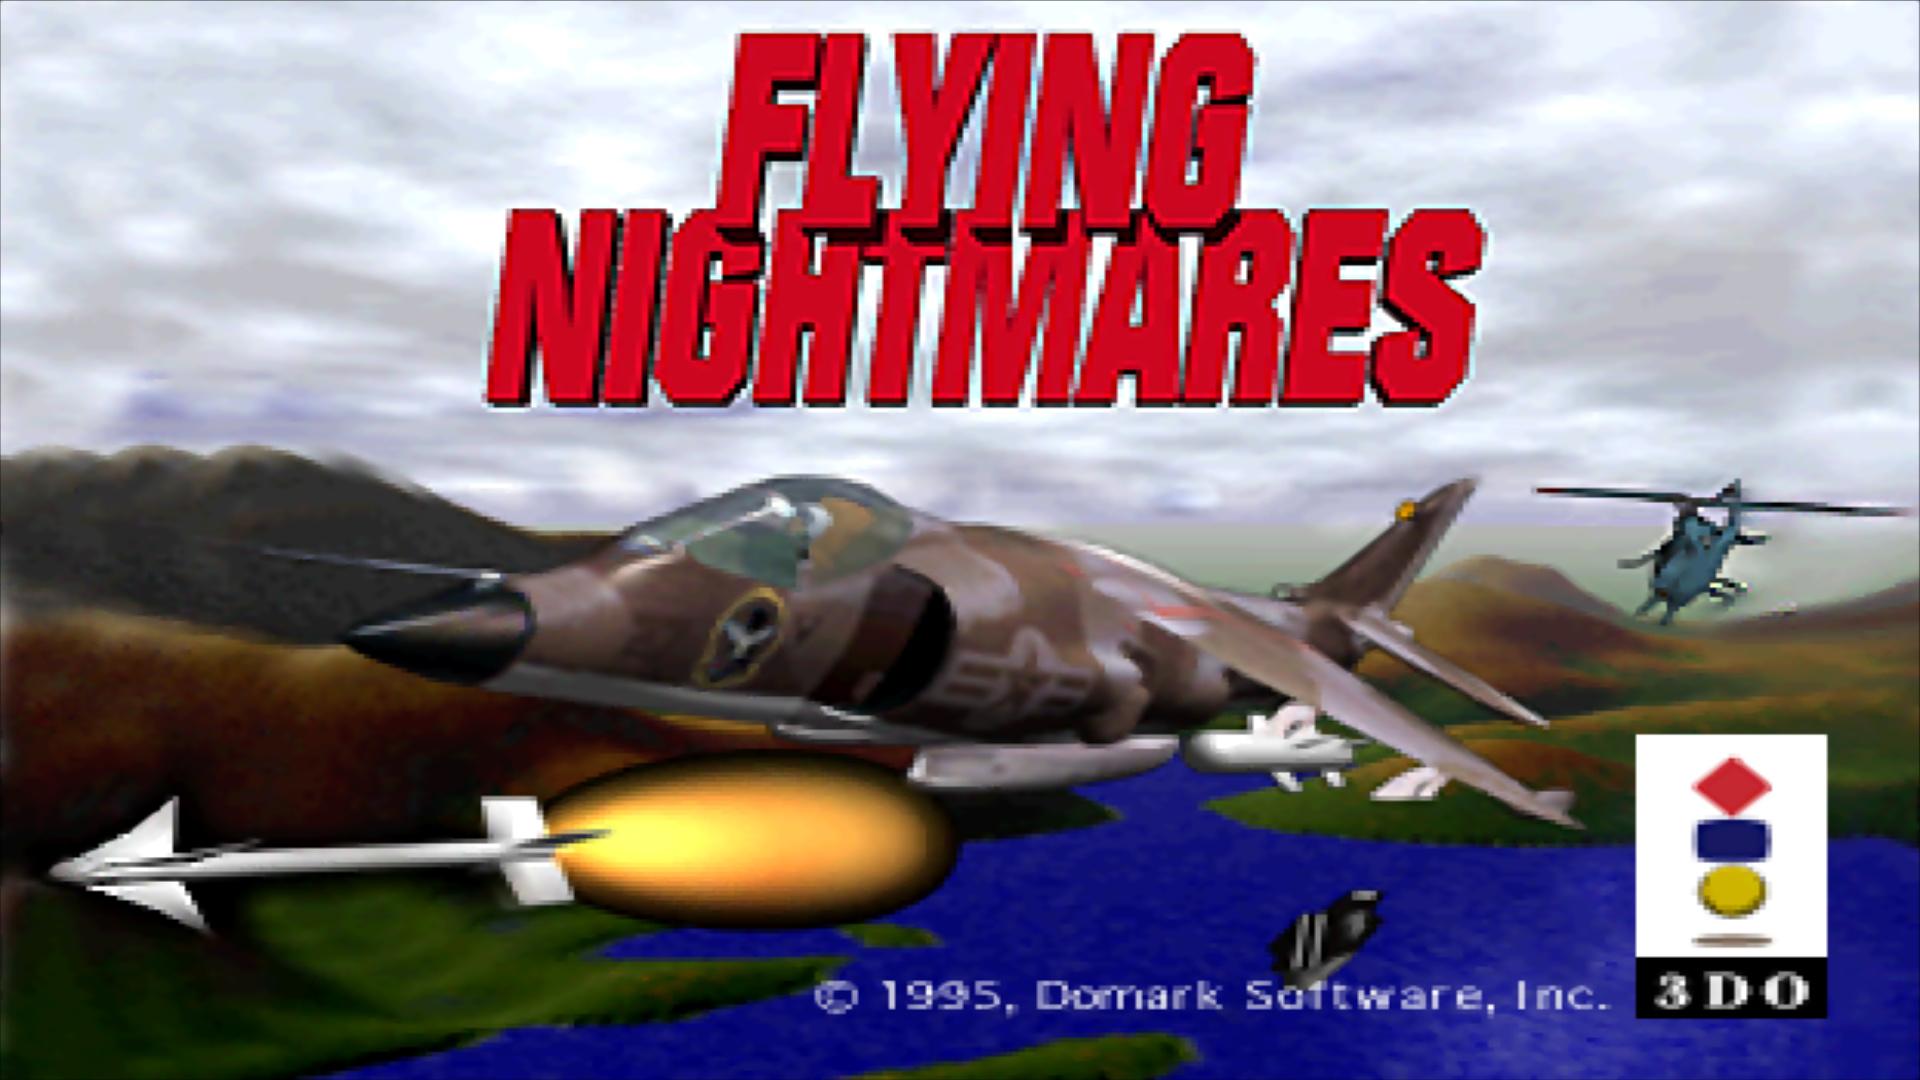 Flying Nightmares.jpg - -